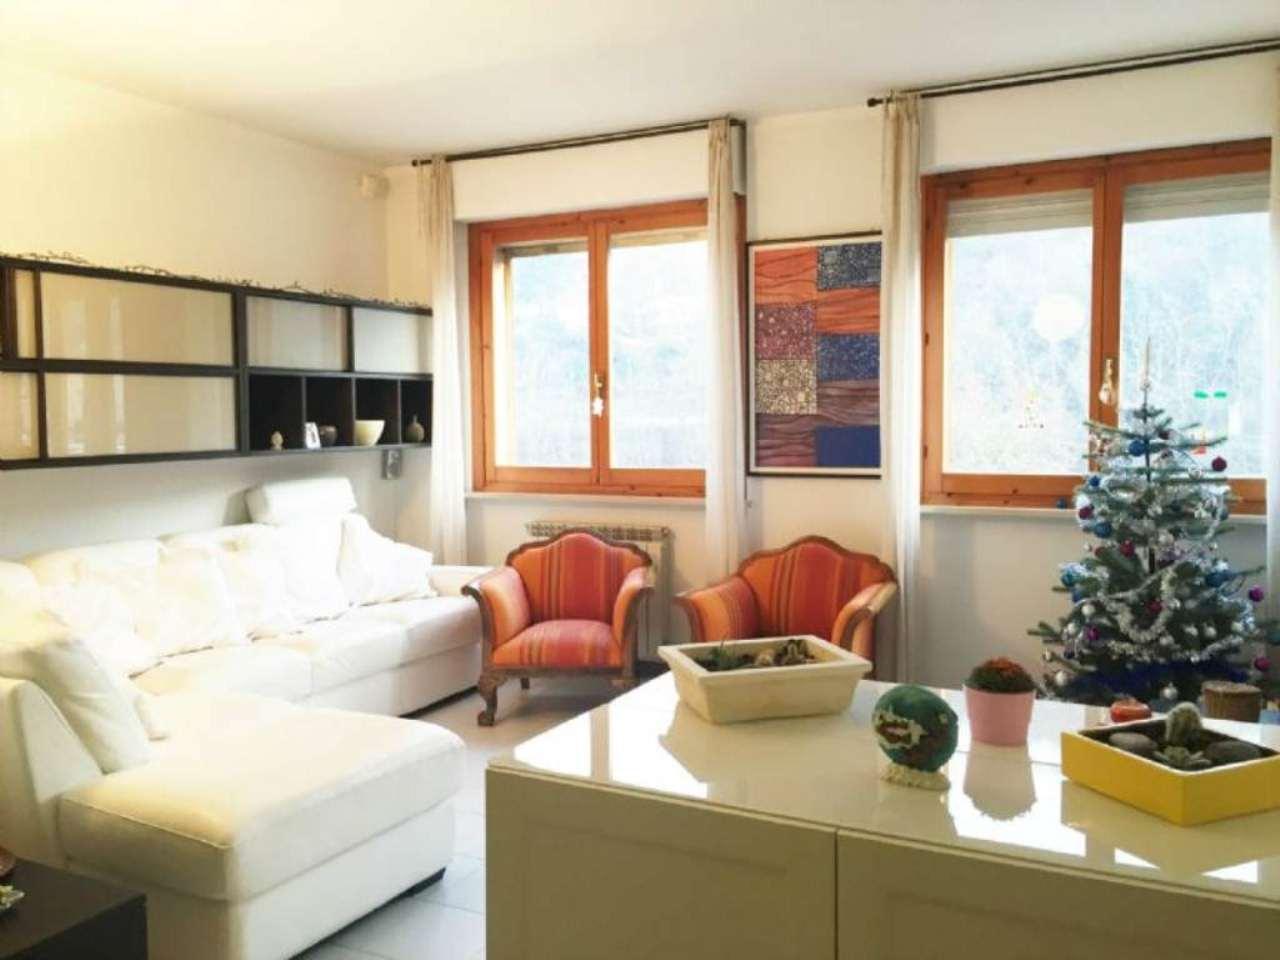 Appartamento in vendita a San Mauro Torinese, 4 locali, prezzo € 165.000 | CambioCasa.it